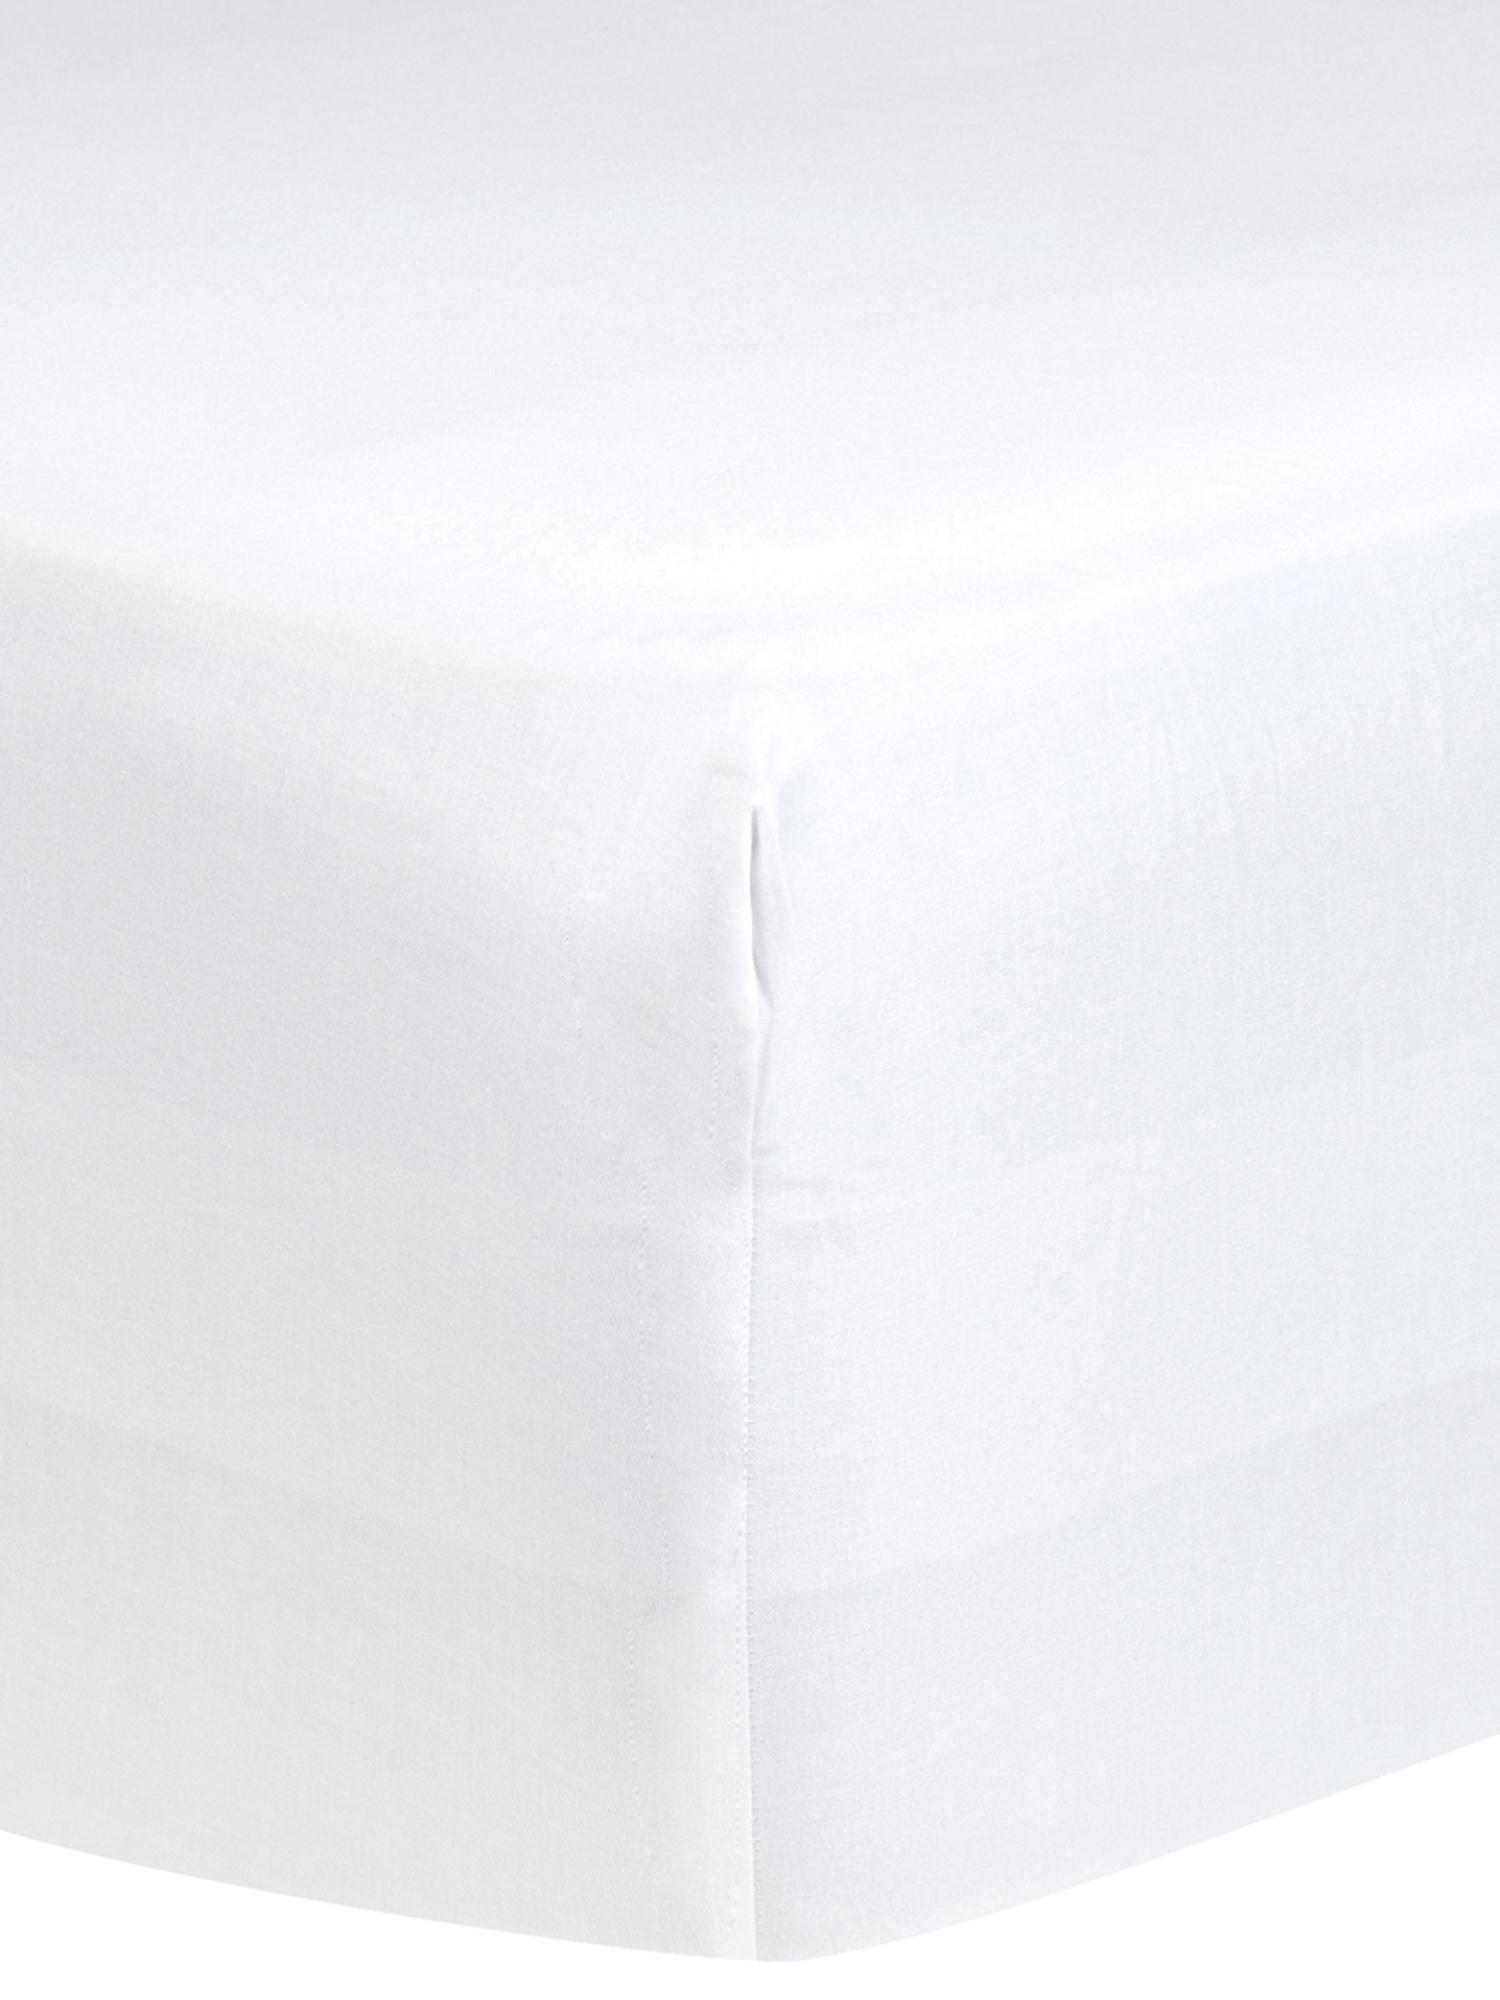 Spannbettlaken Comfort, Baumwollsatin, Webart: Satin, leicht glänzend, Weiß, 140 x 200 cm